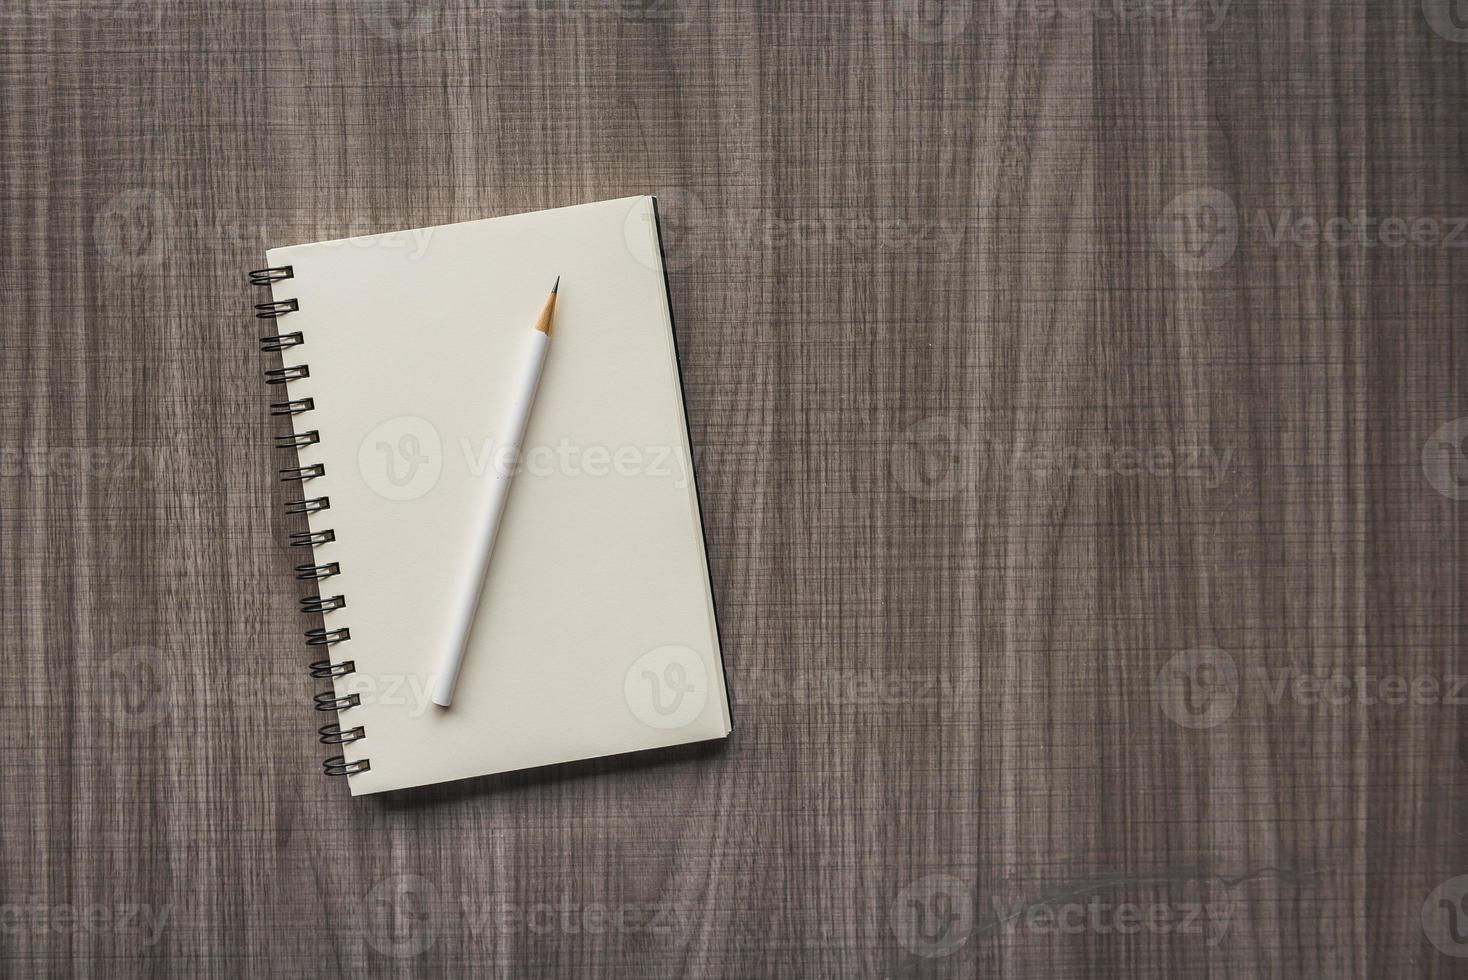 matita bianca con quaderno bianco foto